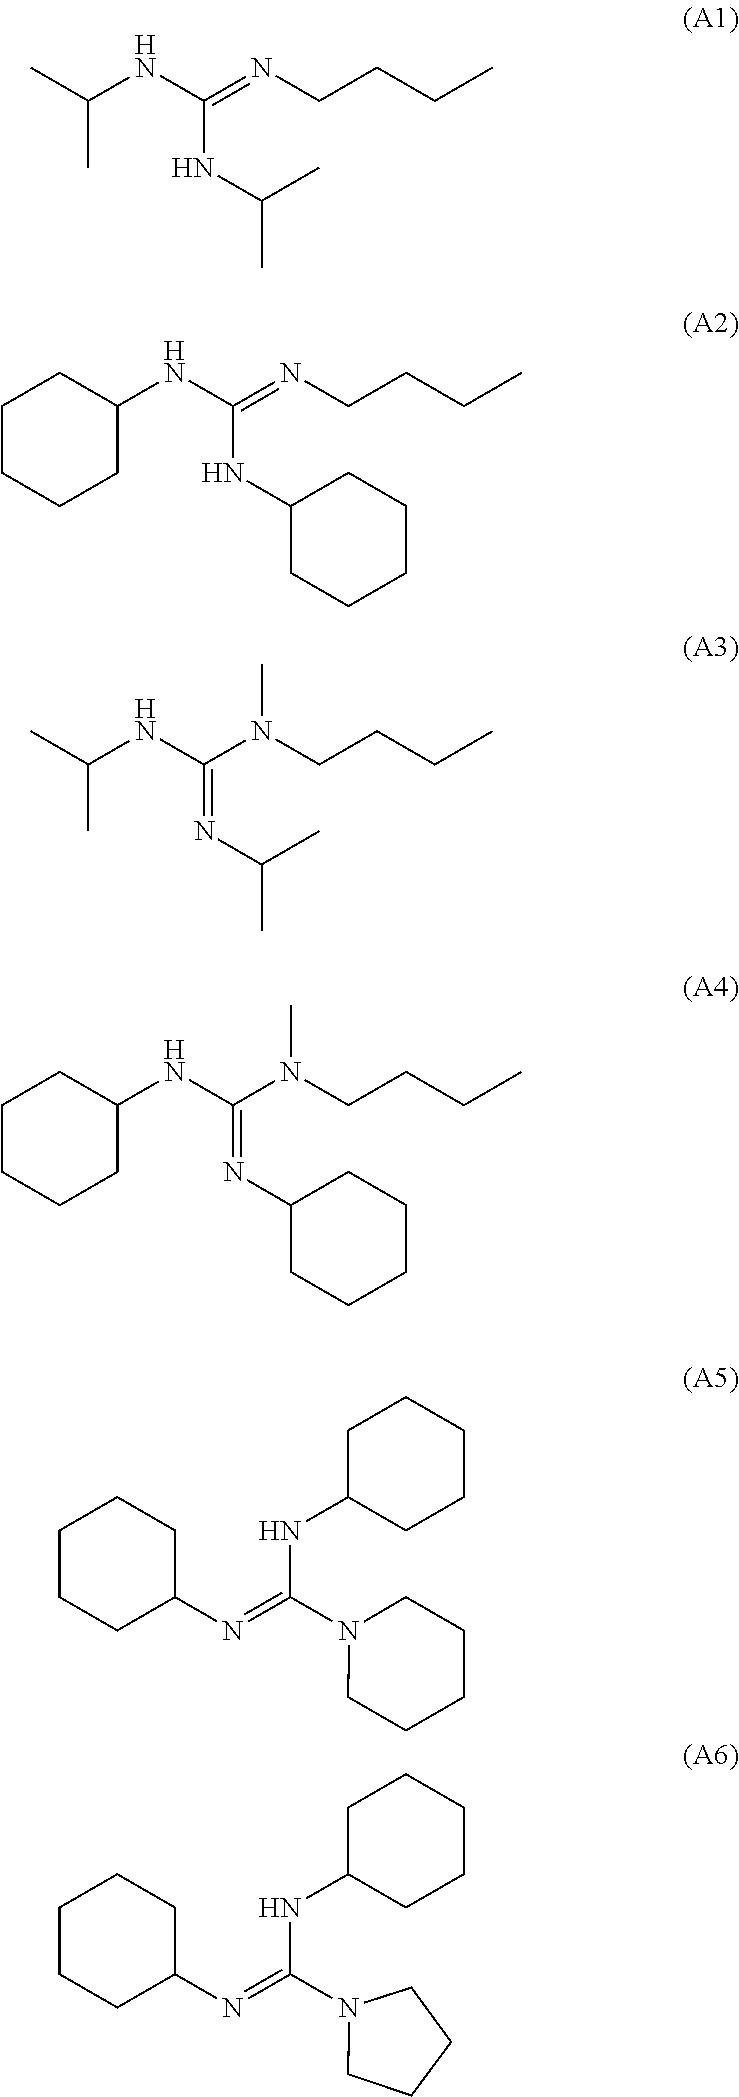 Figure US08470899-20130625-C00002